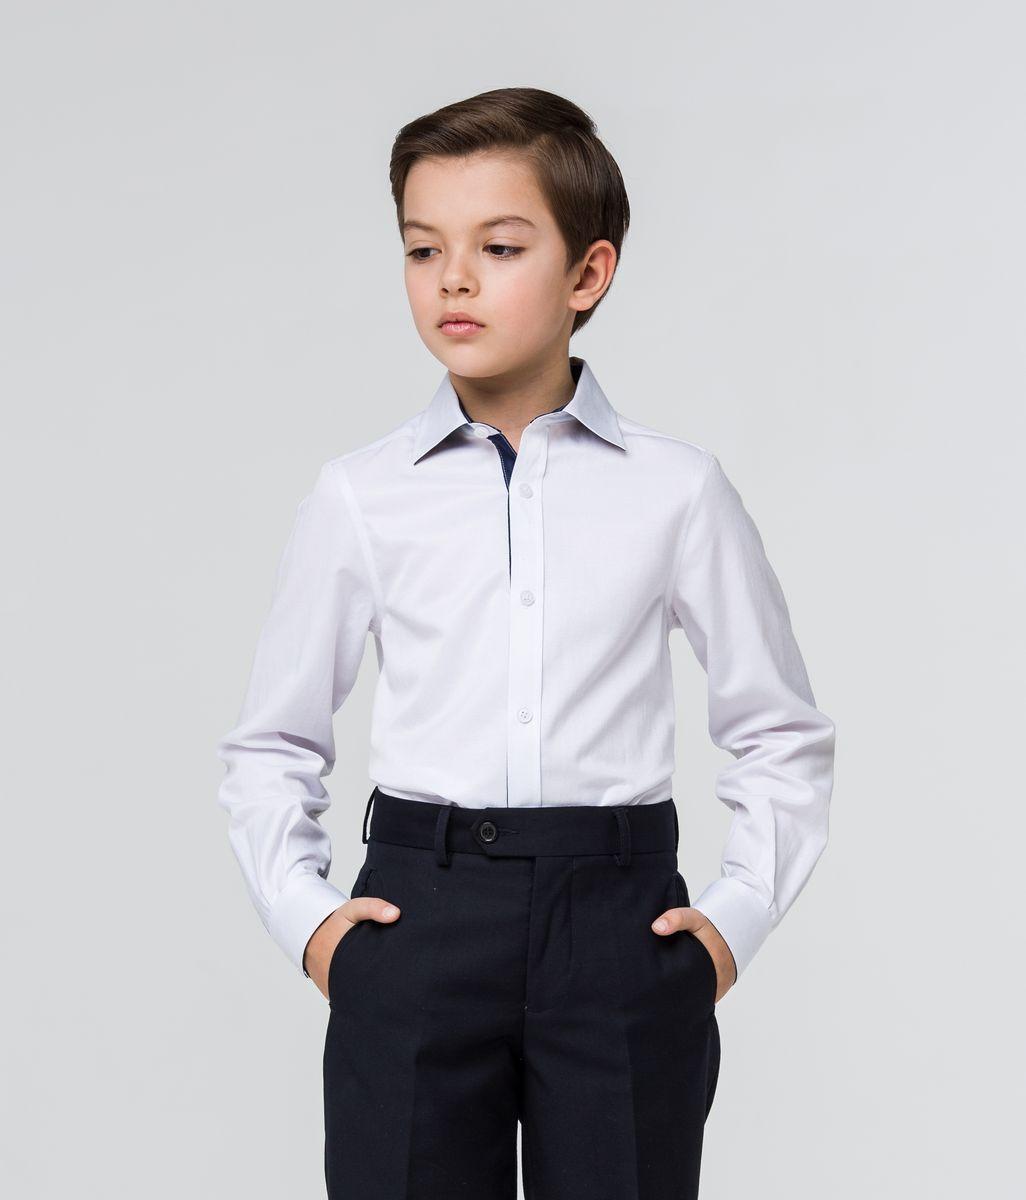 Рубашка для мальчиков. SSFSB-629-13836-200SSFSB-629-13836-200